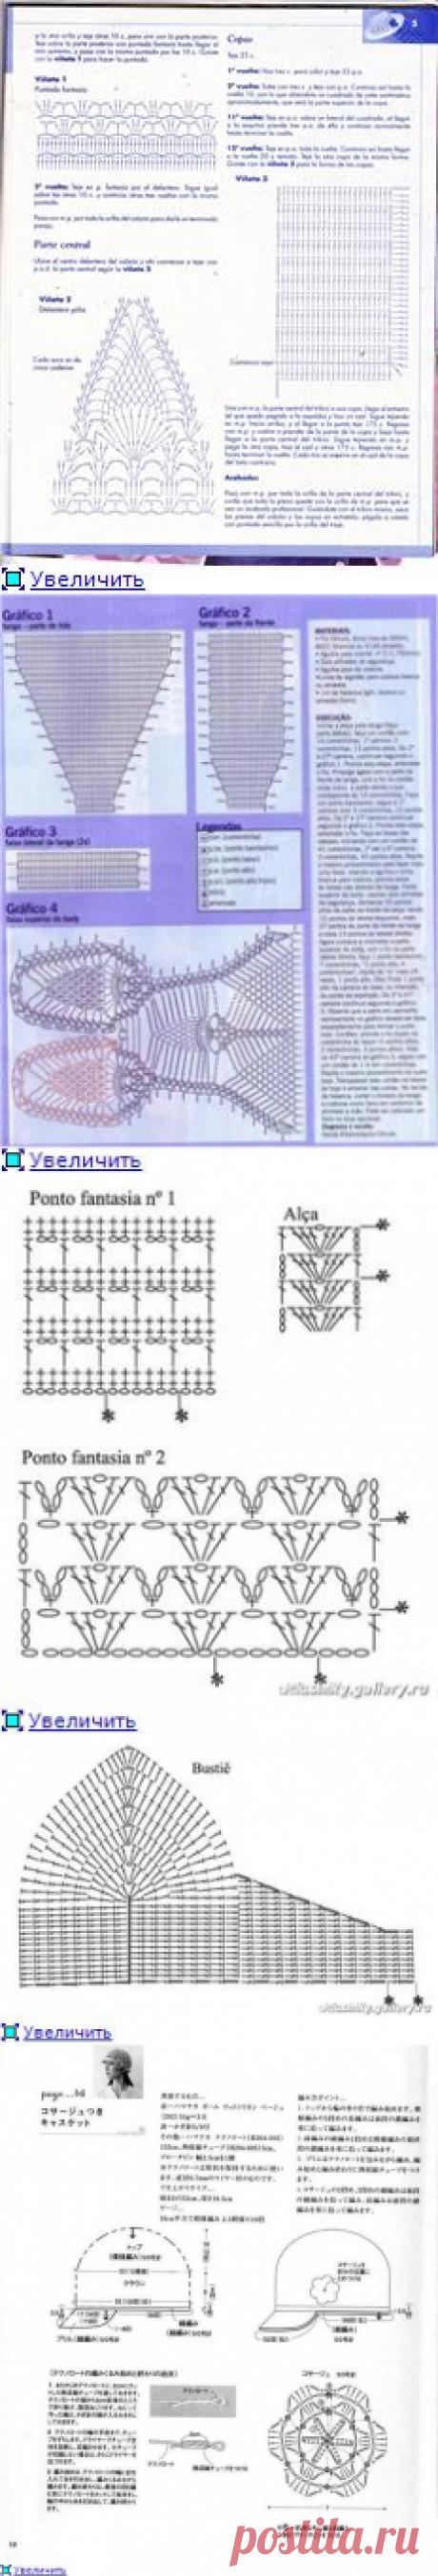 """""""MirPiar.com"""" - el portal Spravochno-informativo. Donetsk - el Modelo con los esquemas y las cintas - la Página 20 - el Foro"""